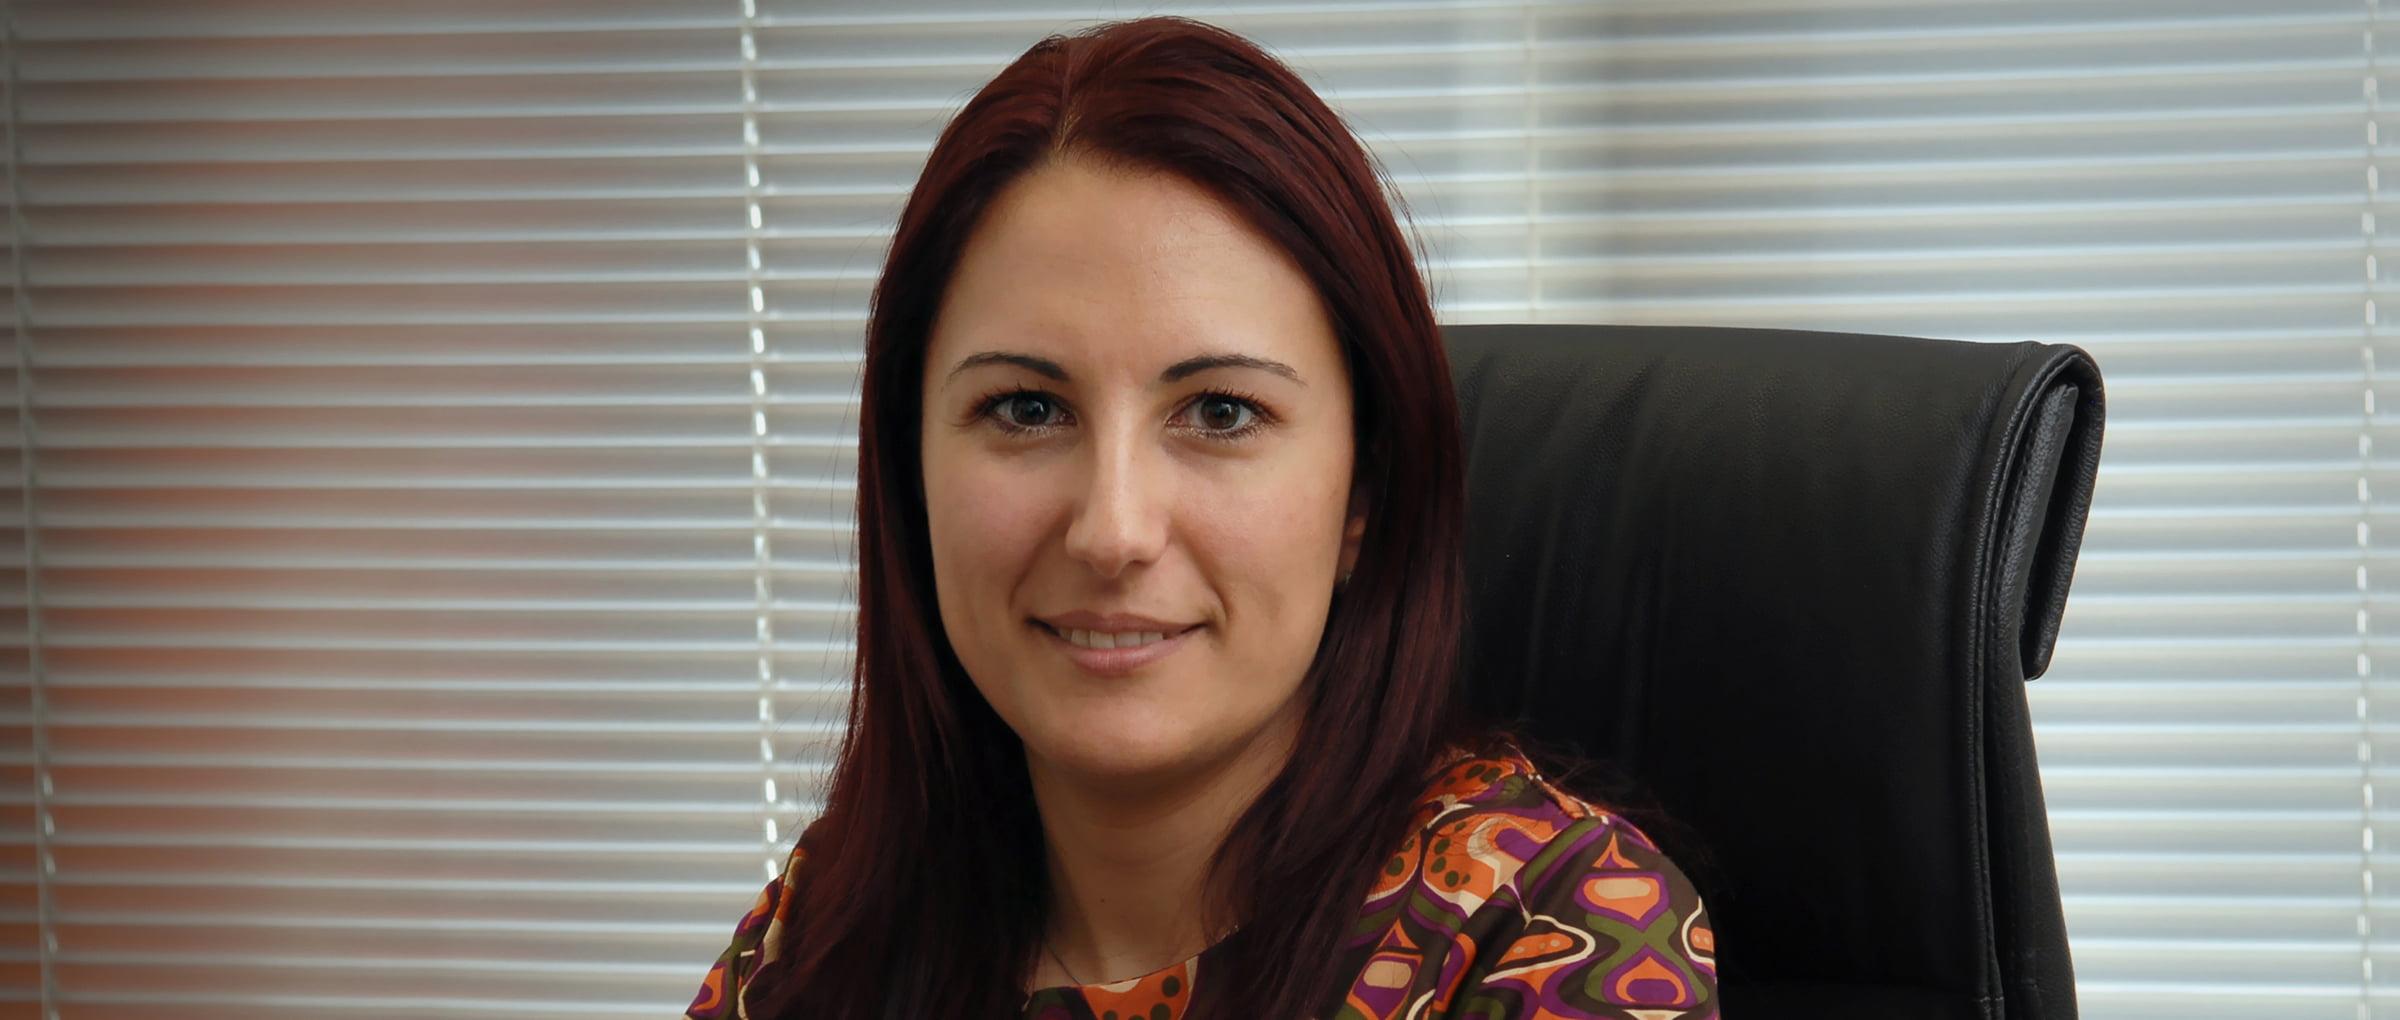 Dr Anthi Pitta-Chrysanthou